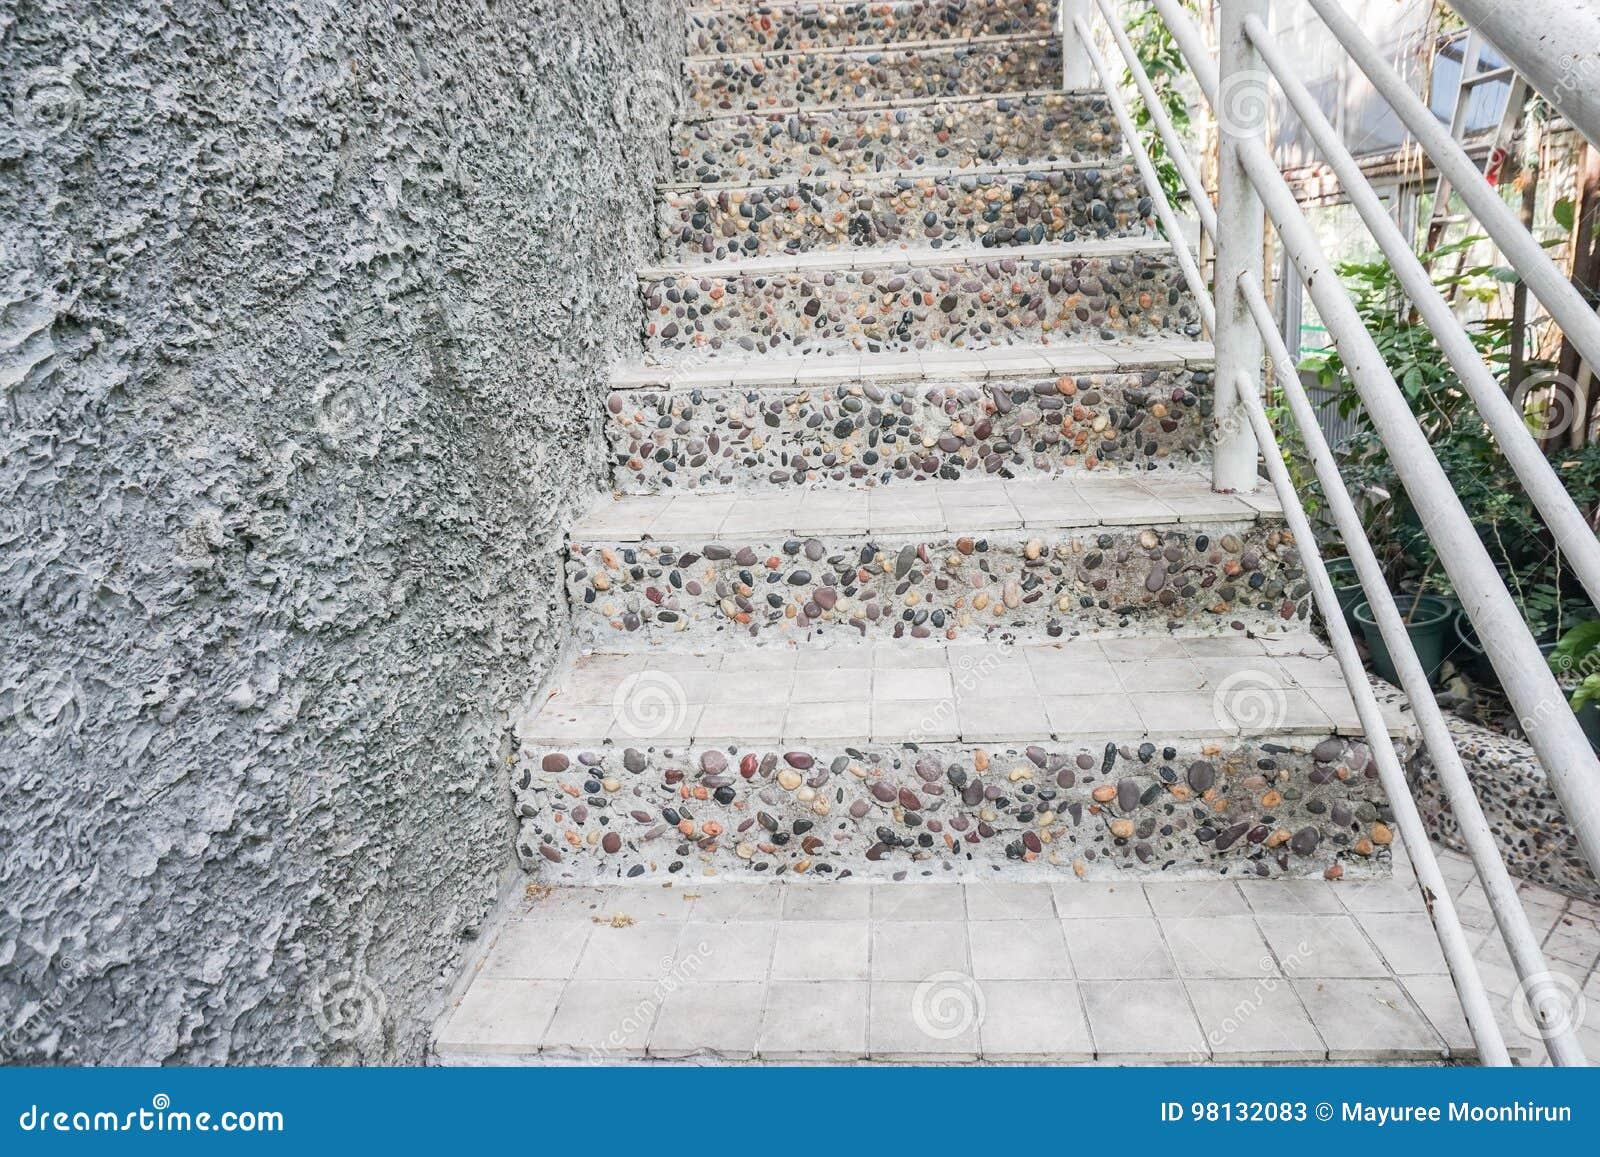 Extrem Beton Mit Treppenhaus Der Steine Im Freien Stockbild - Bild von LP86